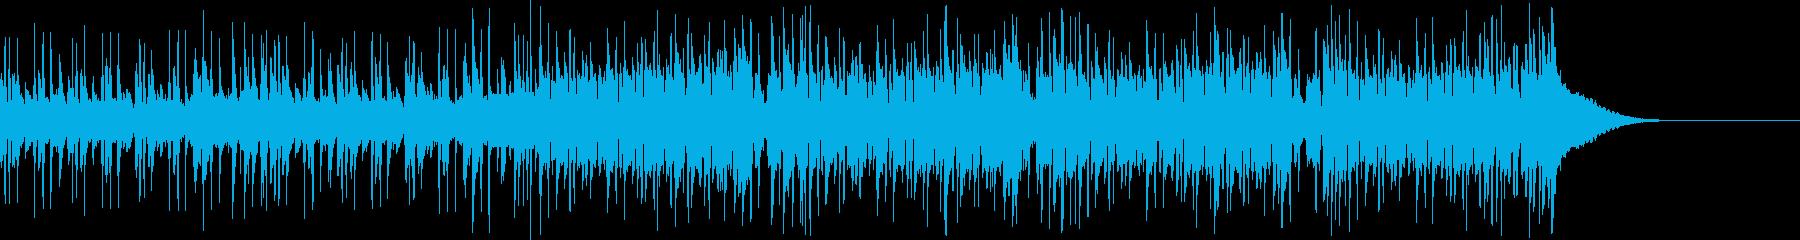 Pf「向」和風現代ジャズの再生済みの波形